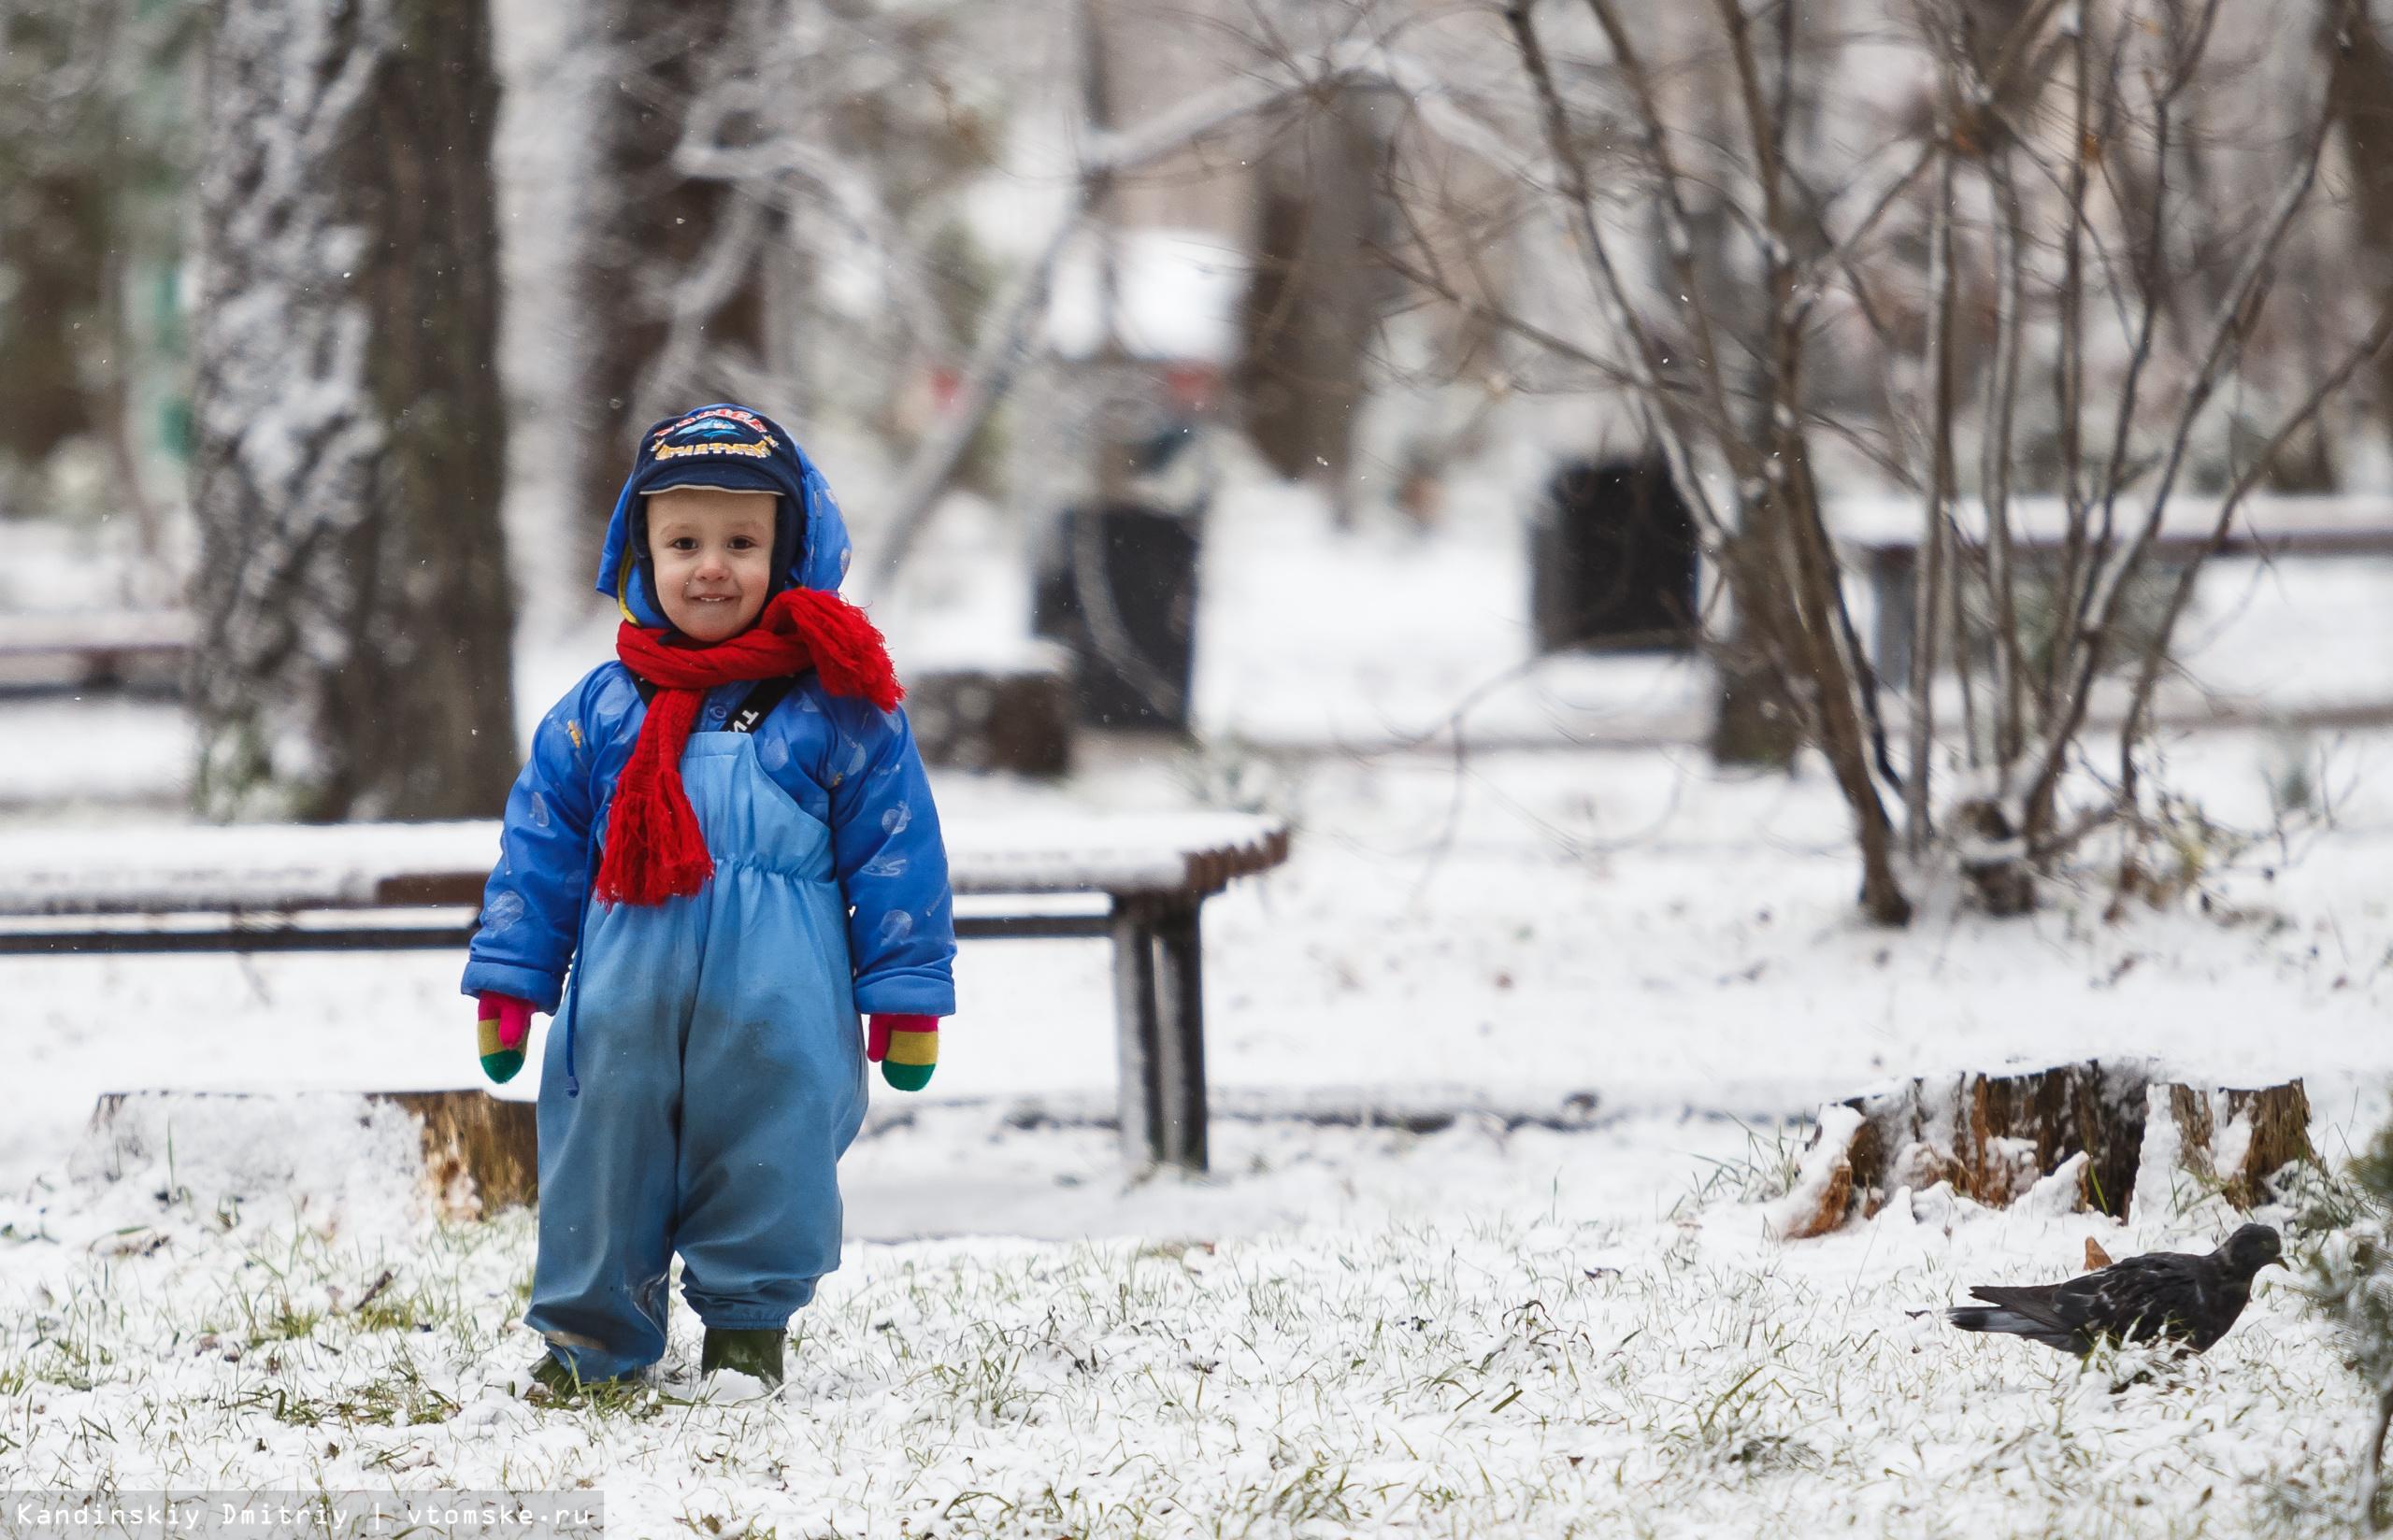 Зима близко: первый снег встретили в Томске